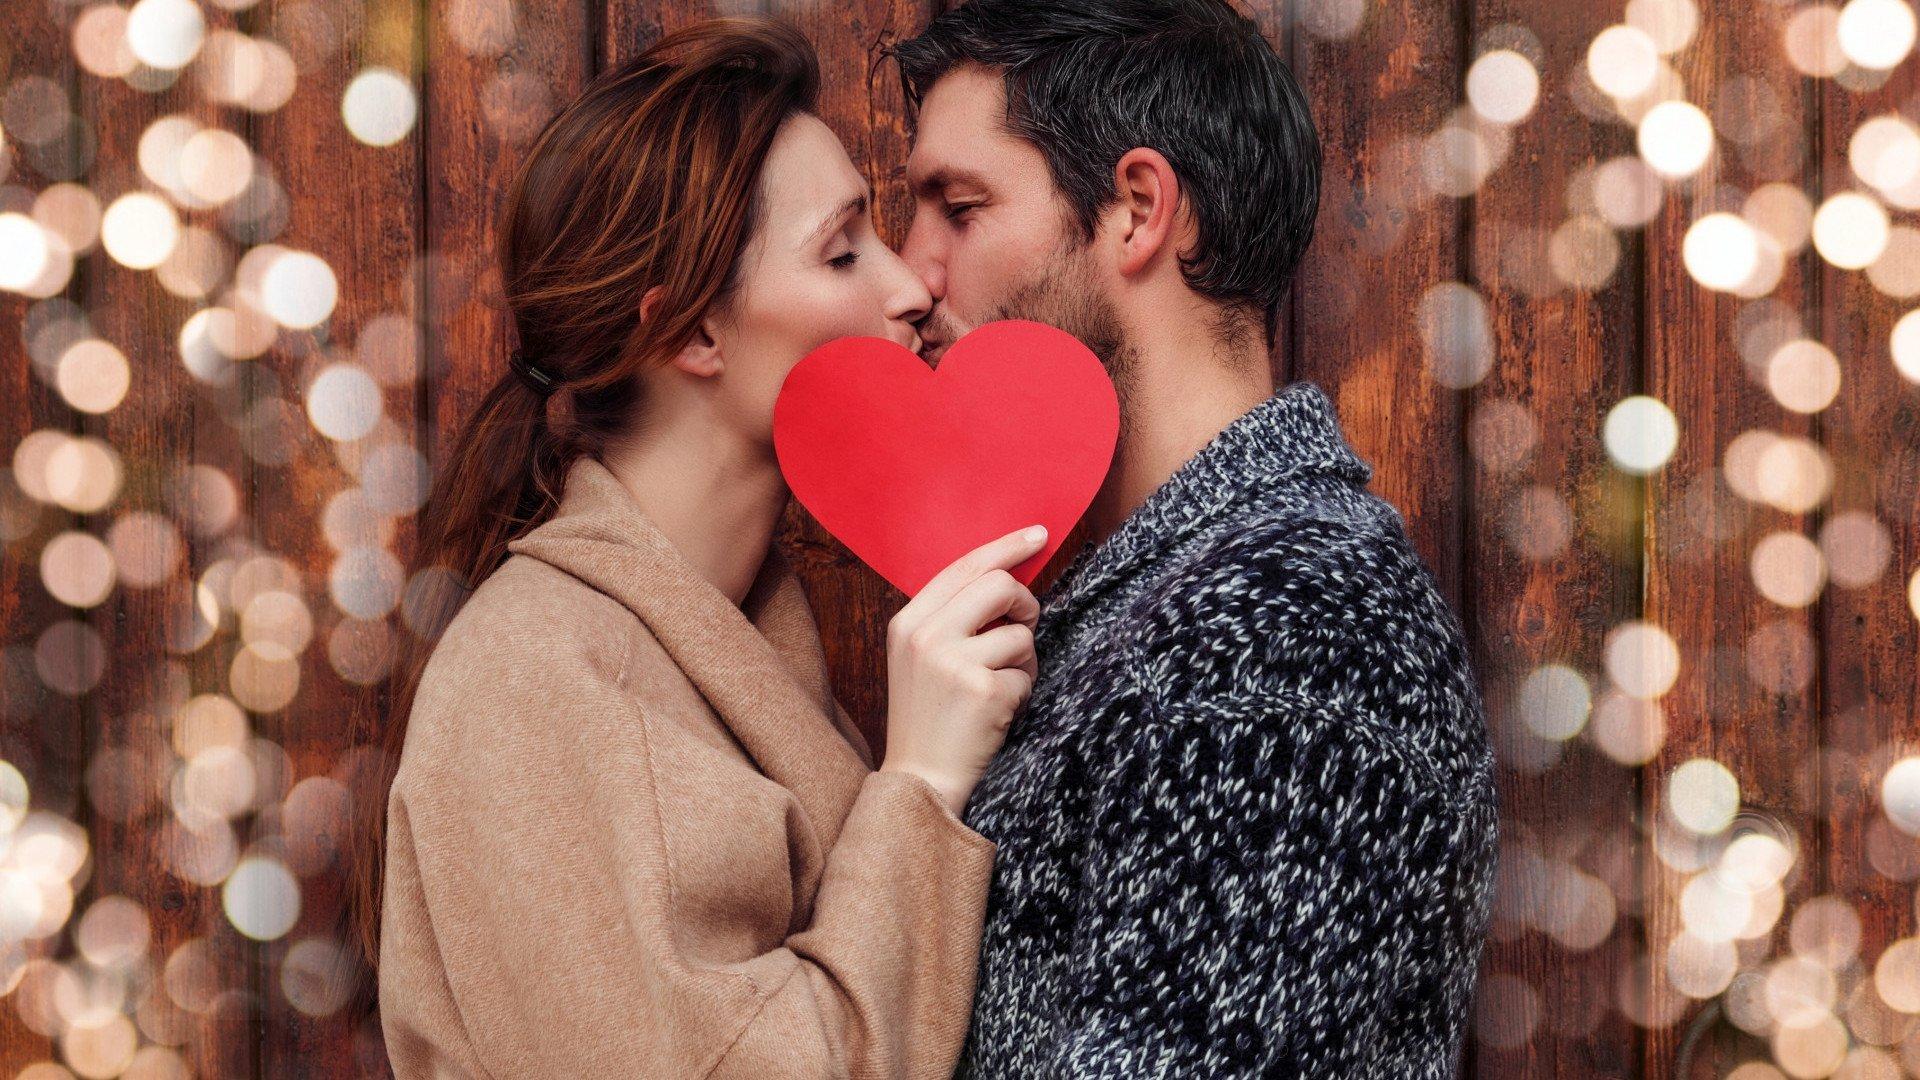 Walentynkowy prezent po randce dwa miesiące